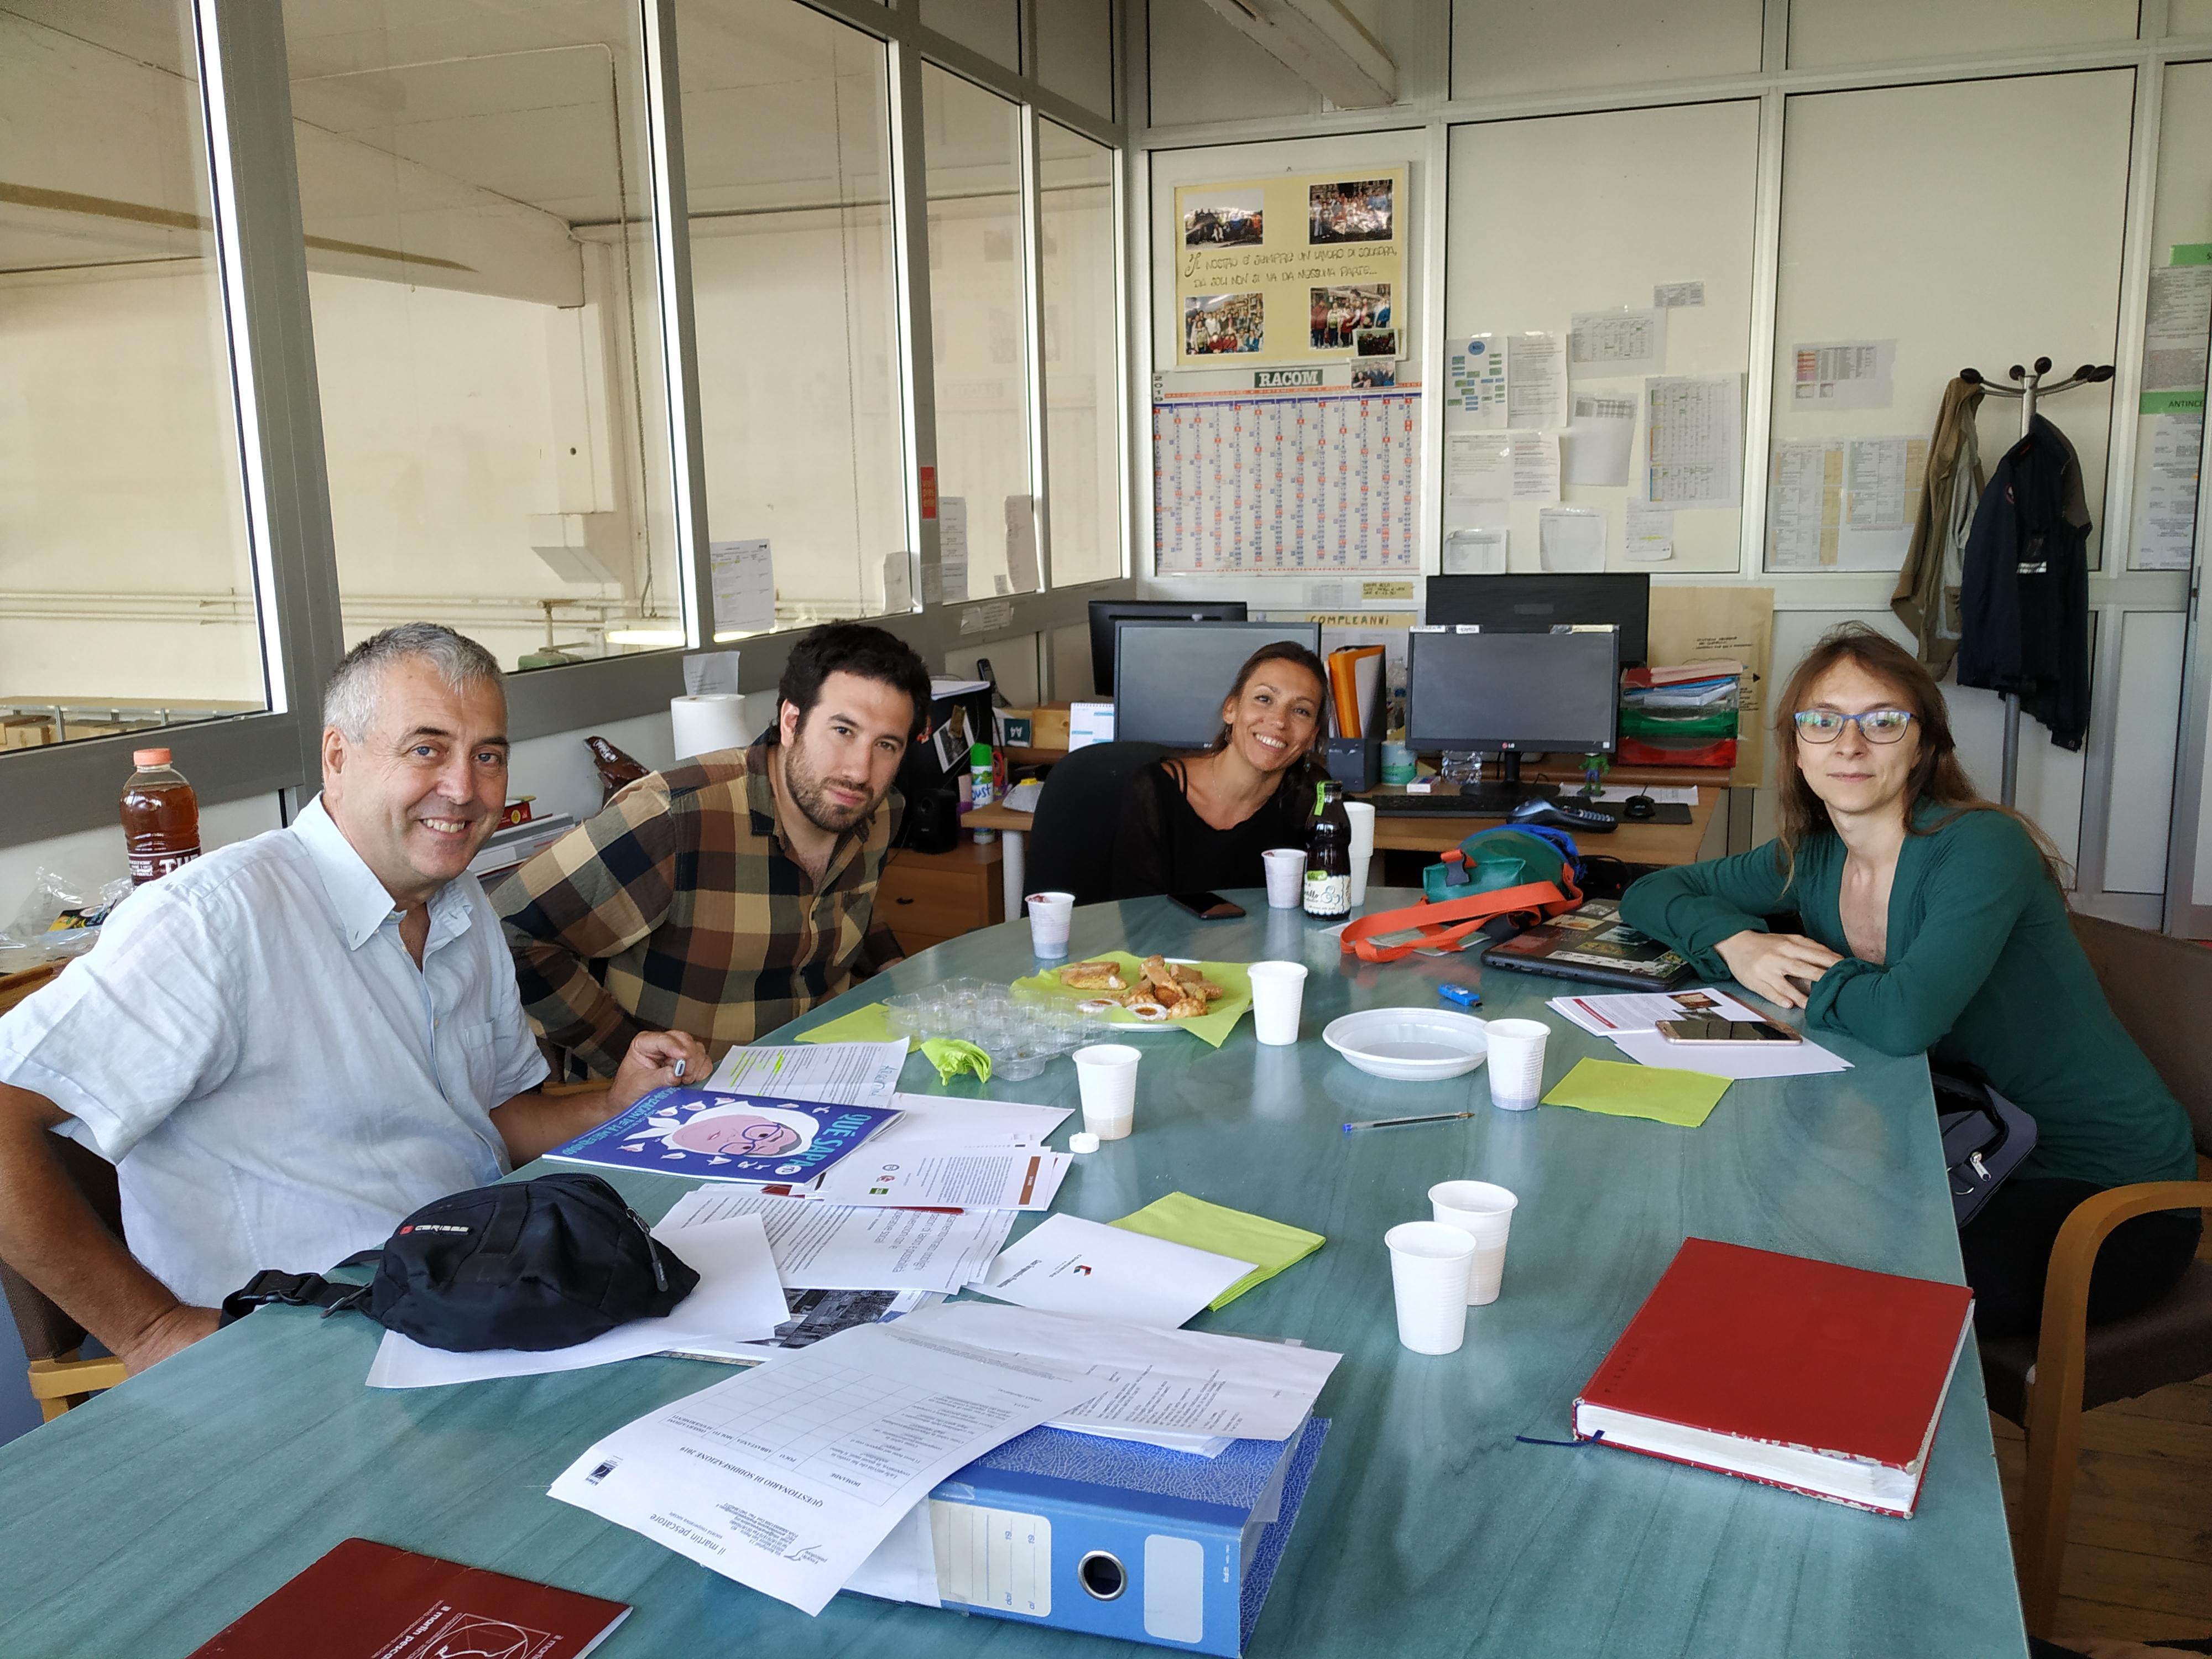 Visita rappresentanti della COOPERATIVA COMMUNITAS PARA LA INCLUSION SOCIAL Y LABORAL INCLUSION (Argentina)